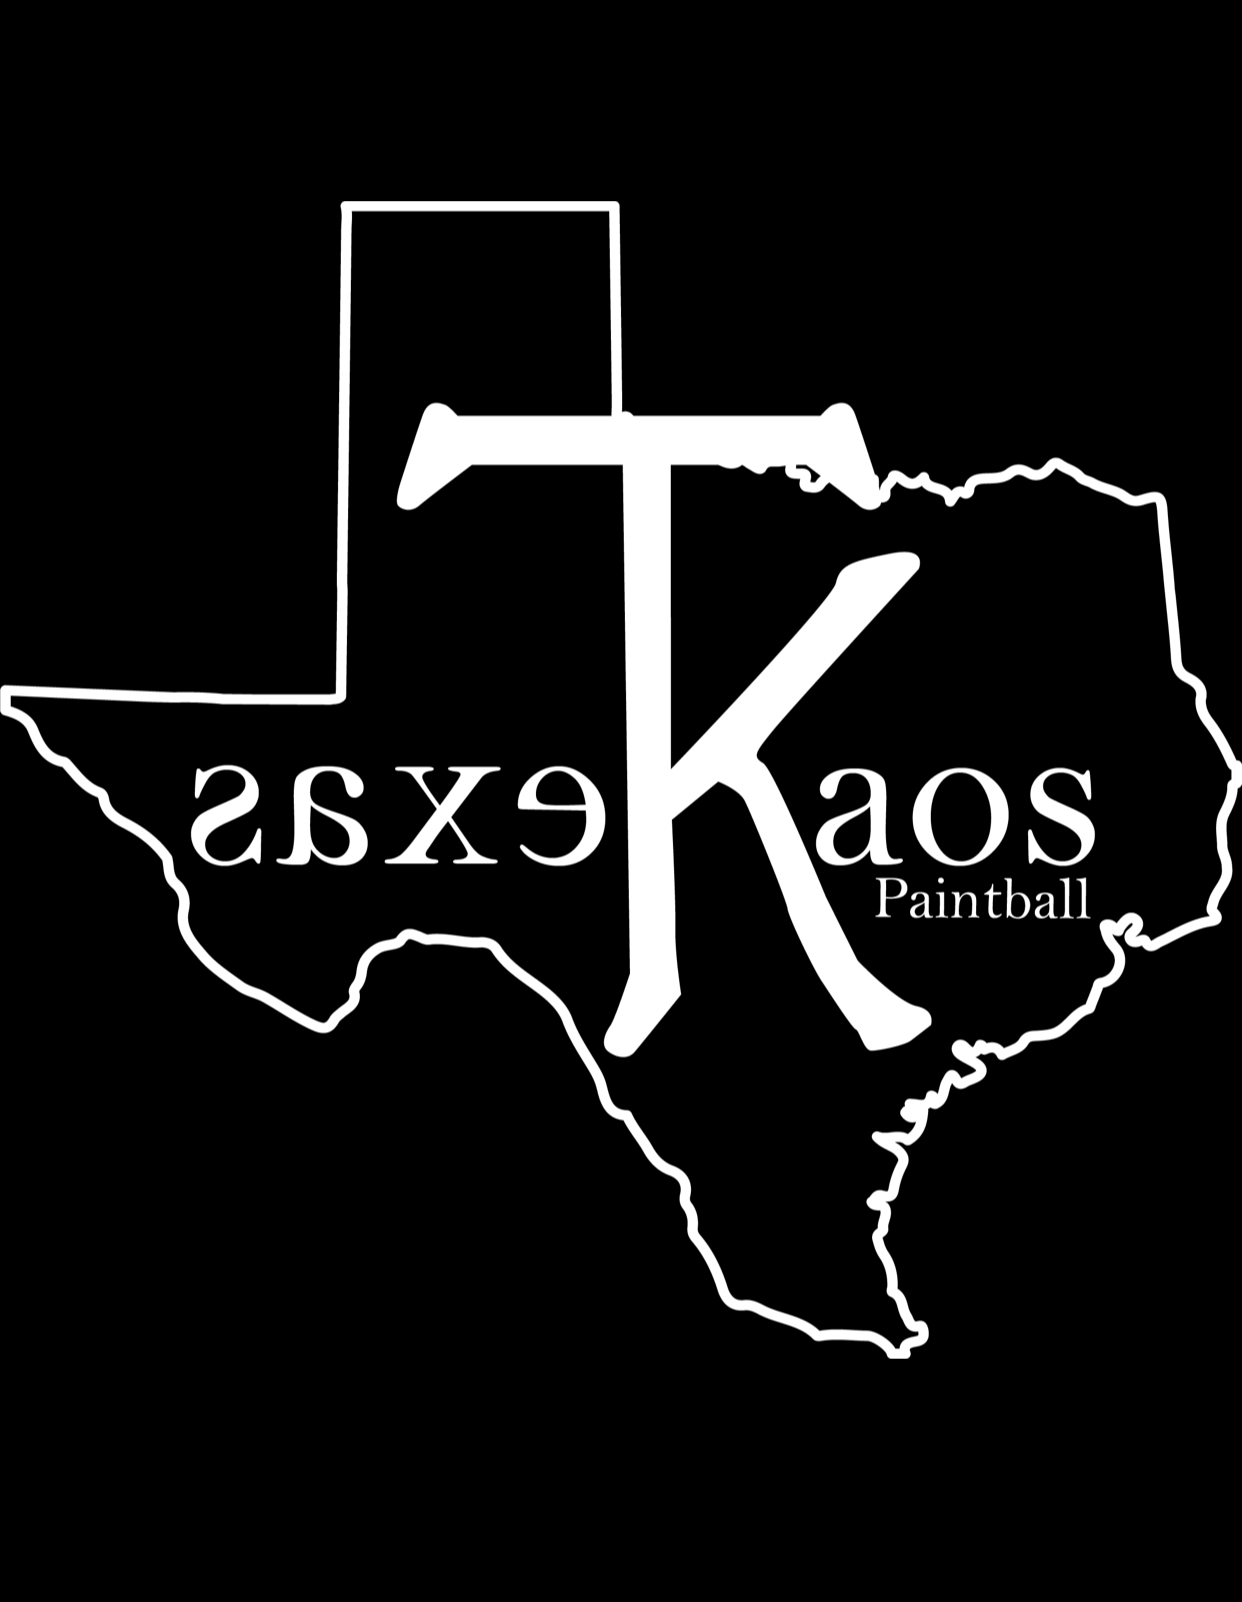 South Texas Paintball League